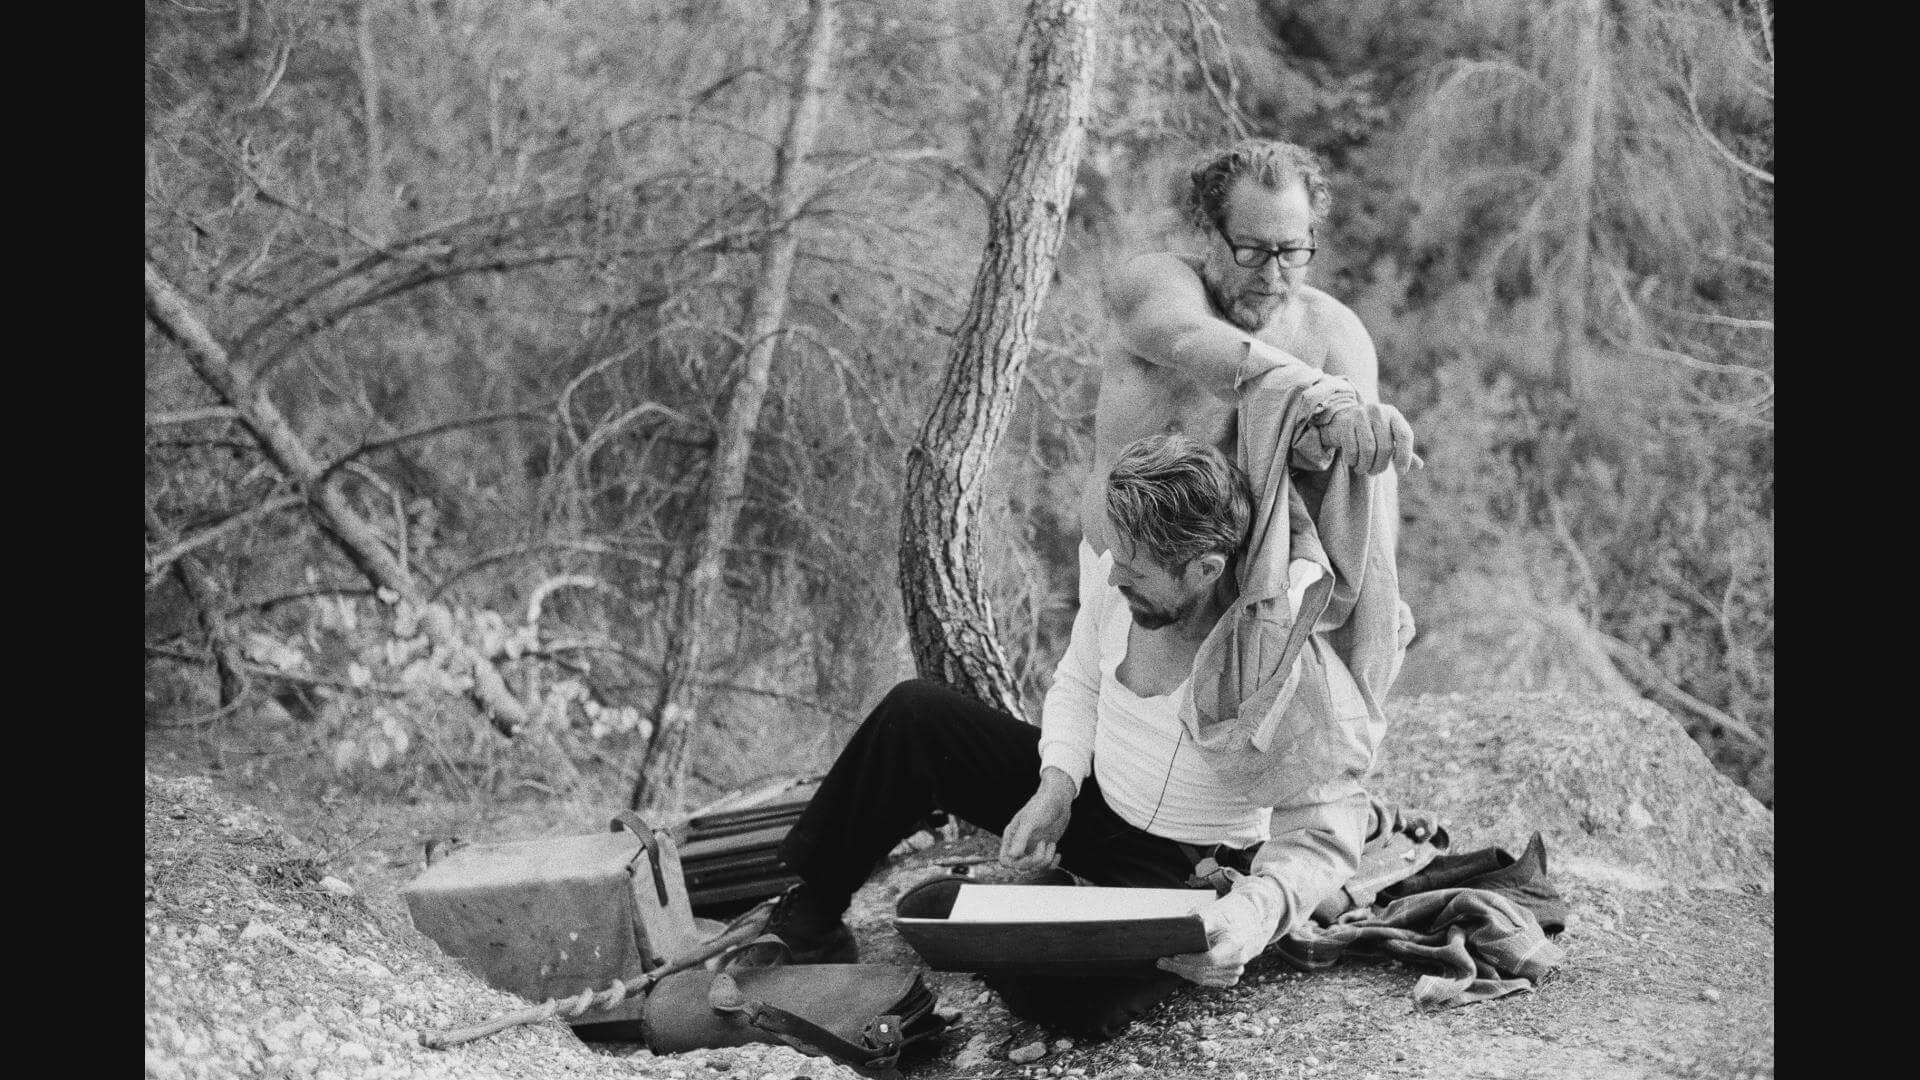 ジュリアン・シュナーベル監督が描いた孤高の天才画家・ゴッホの魂とは interview191028-julian-schnabel-goah-1